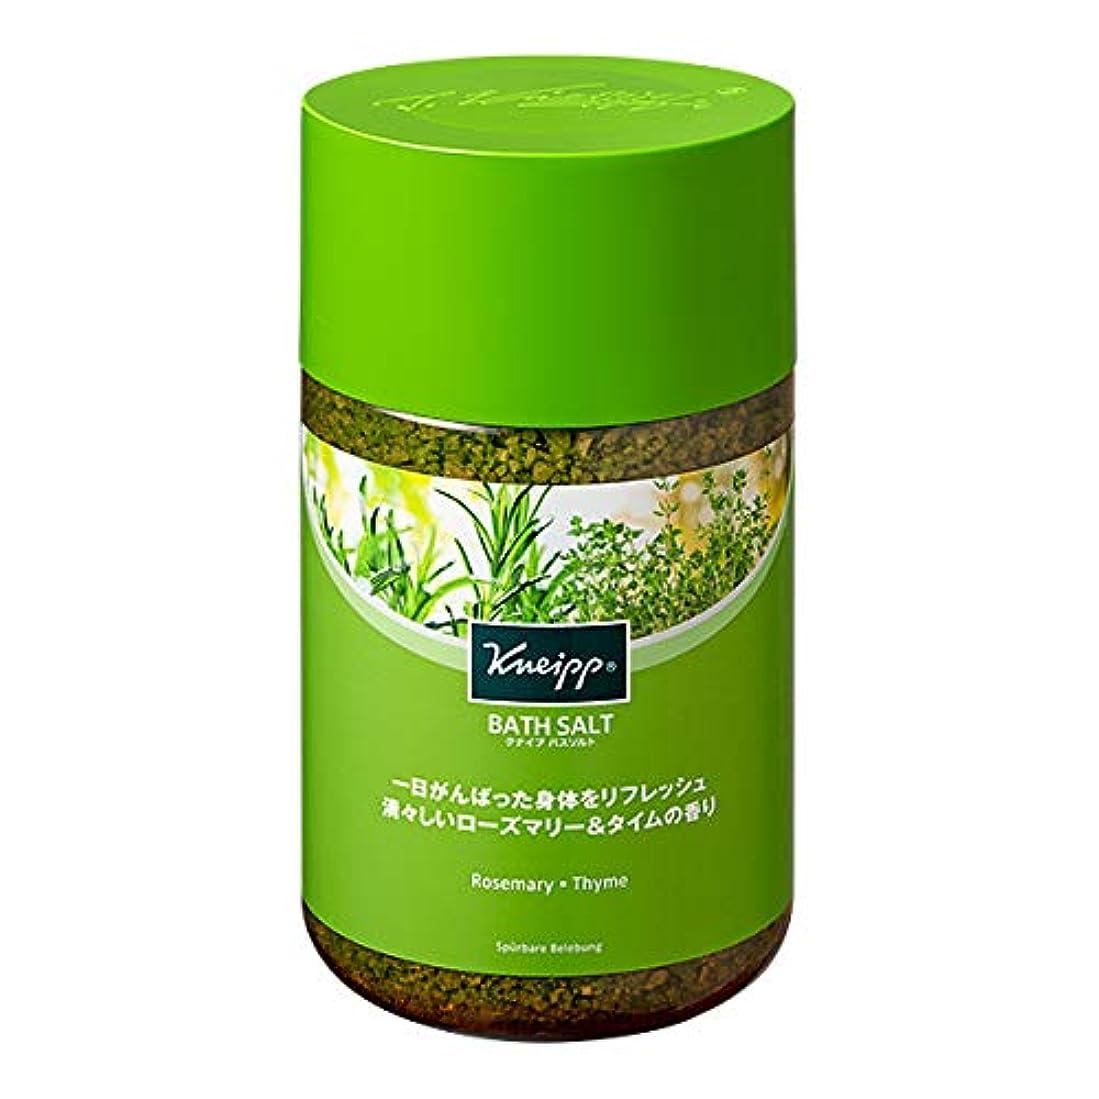 前書きコメントチートクナイプ(Kneipp) クナイプ バスソルト ローズマリー&タイムの香り850g 入浴剤